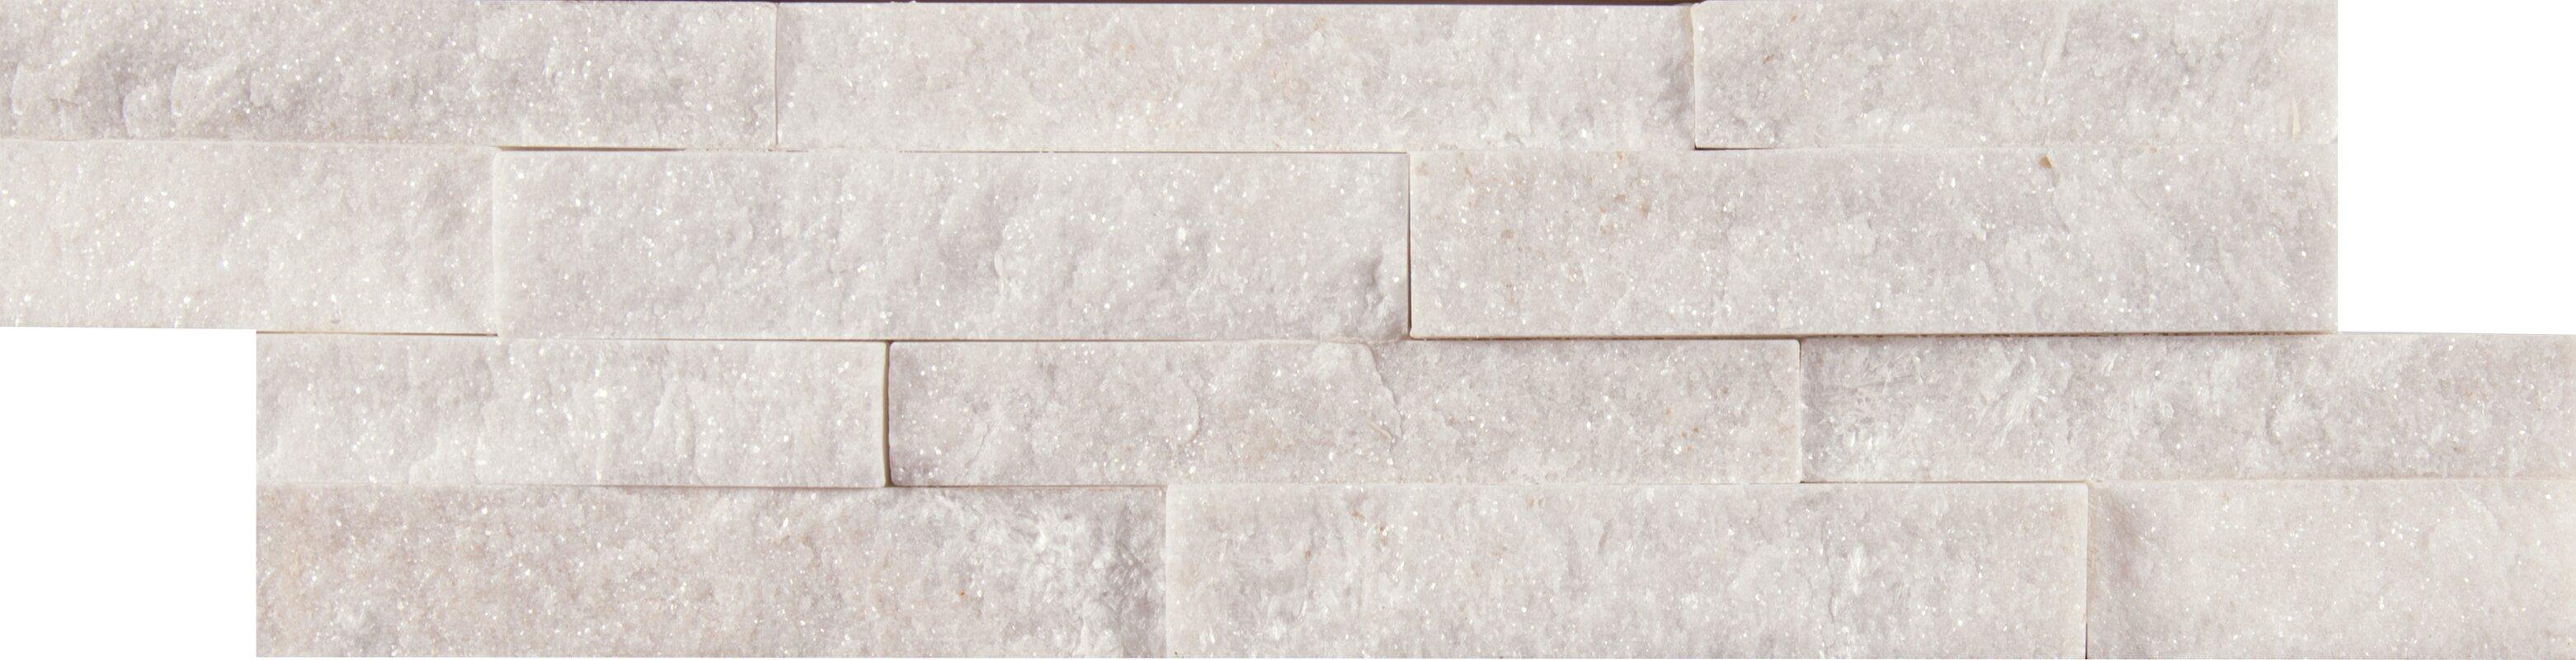 Msi arctic golden mini ledger panel quartzite marble splitface arctic golden mini ledger panel quartzite marble splitfacemosaic tile in white dailygadgetfo Images